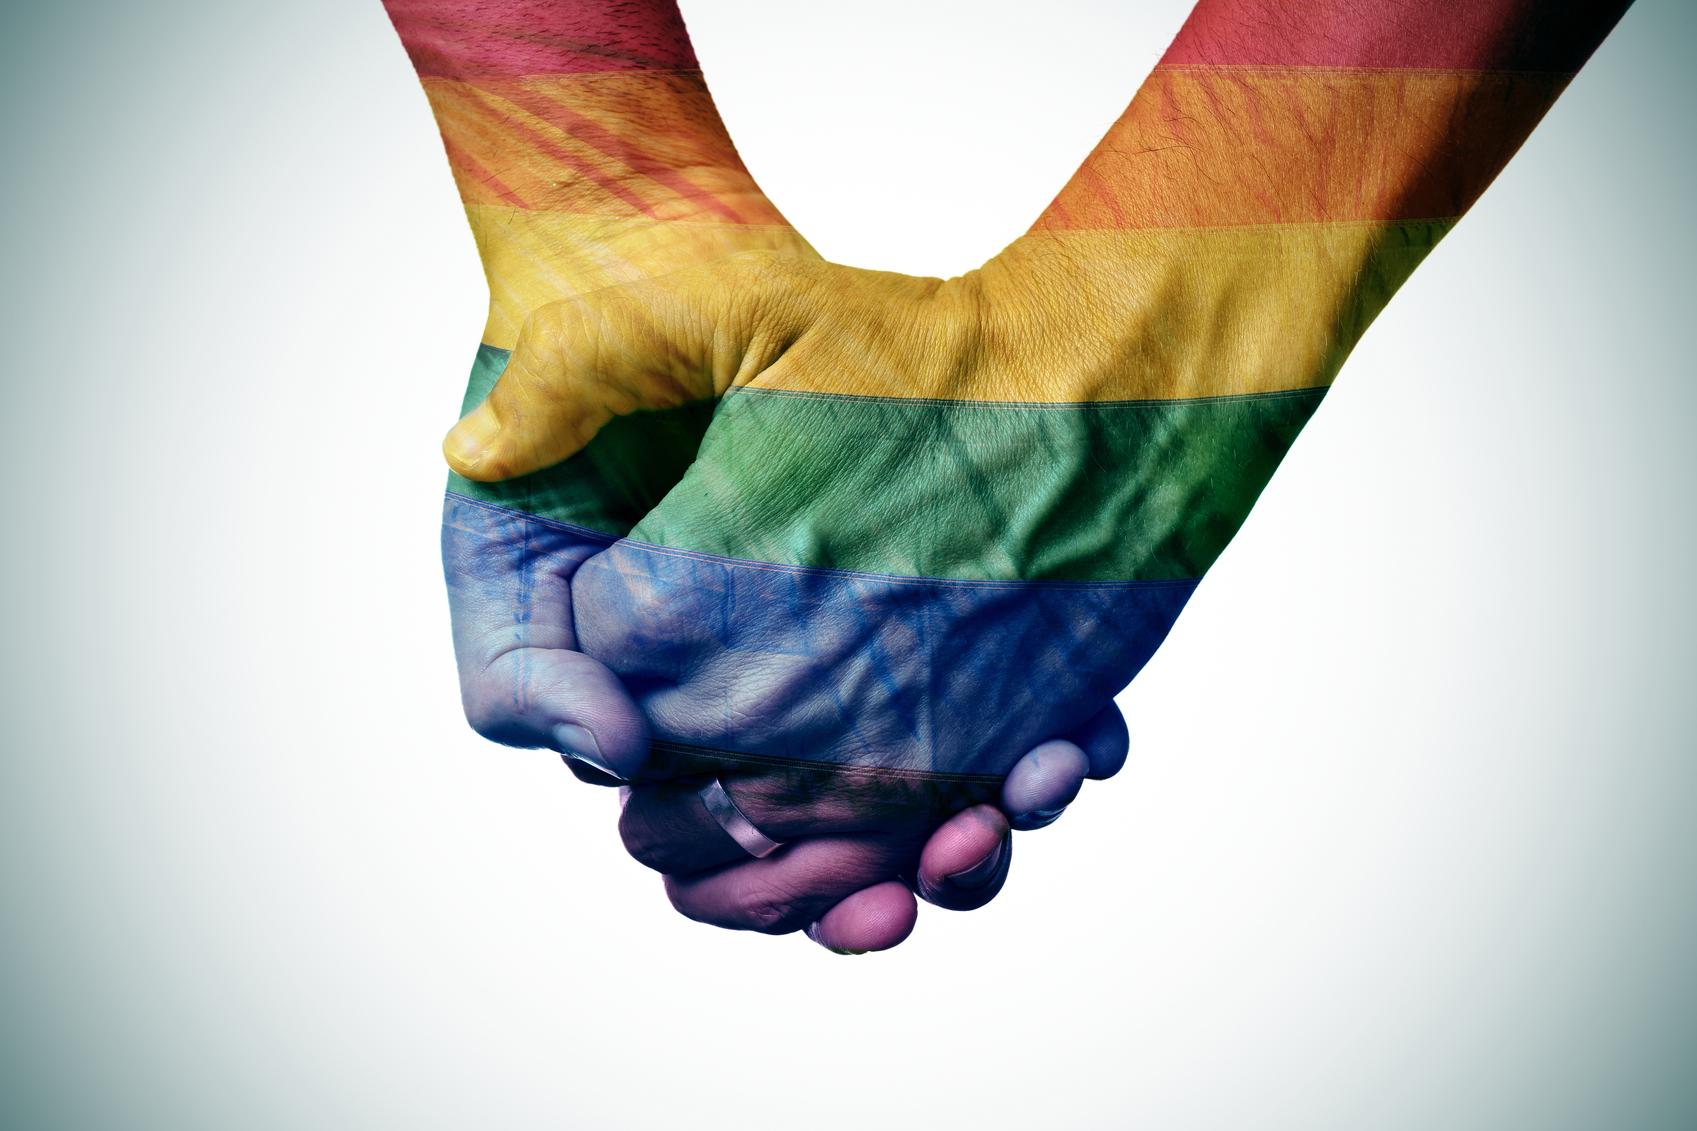 5.7. L'infection à VIH chez les personnes LGBT - photo 1